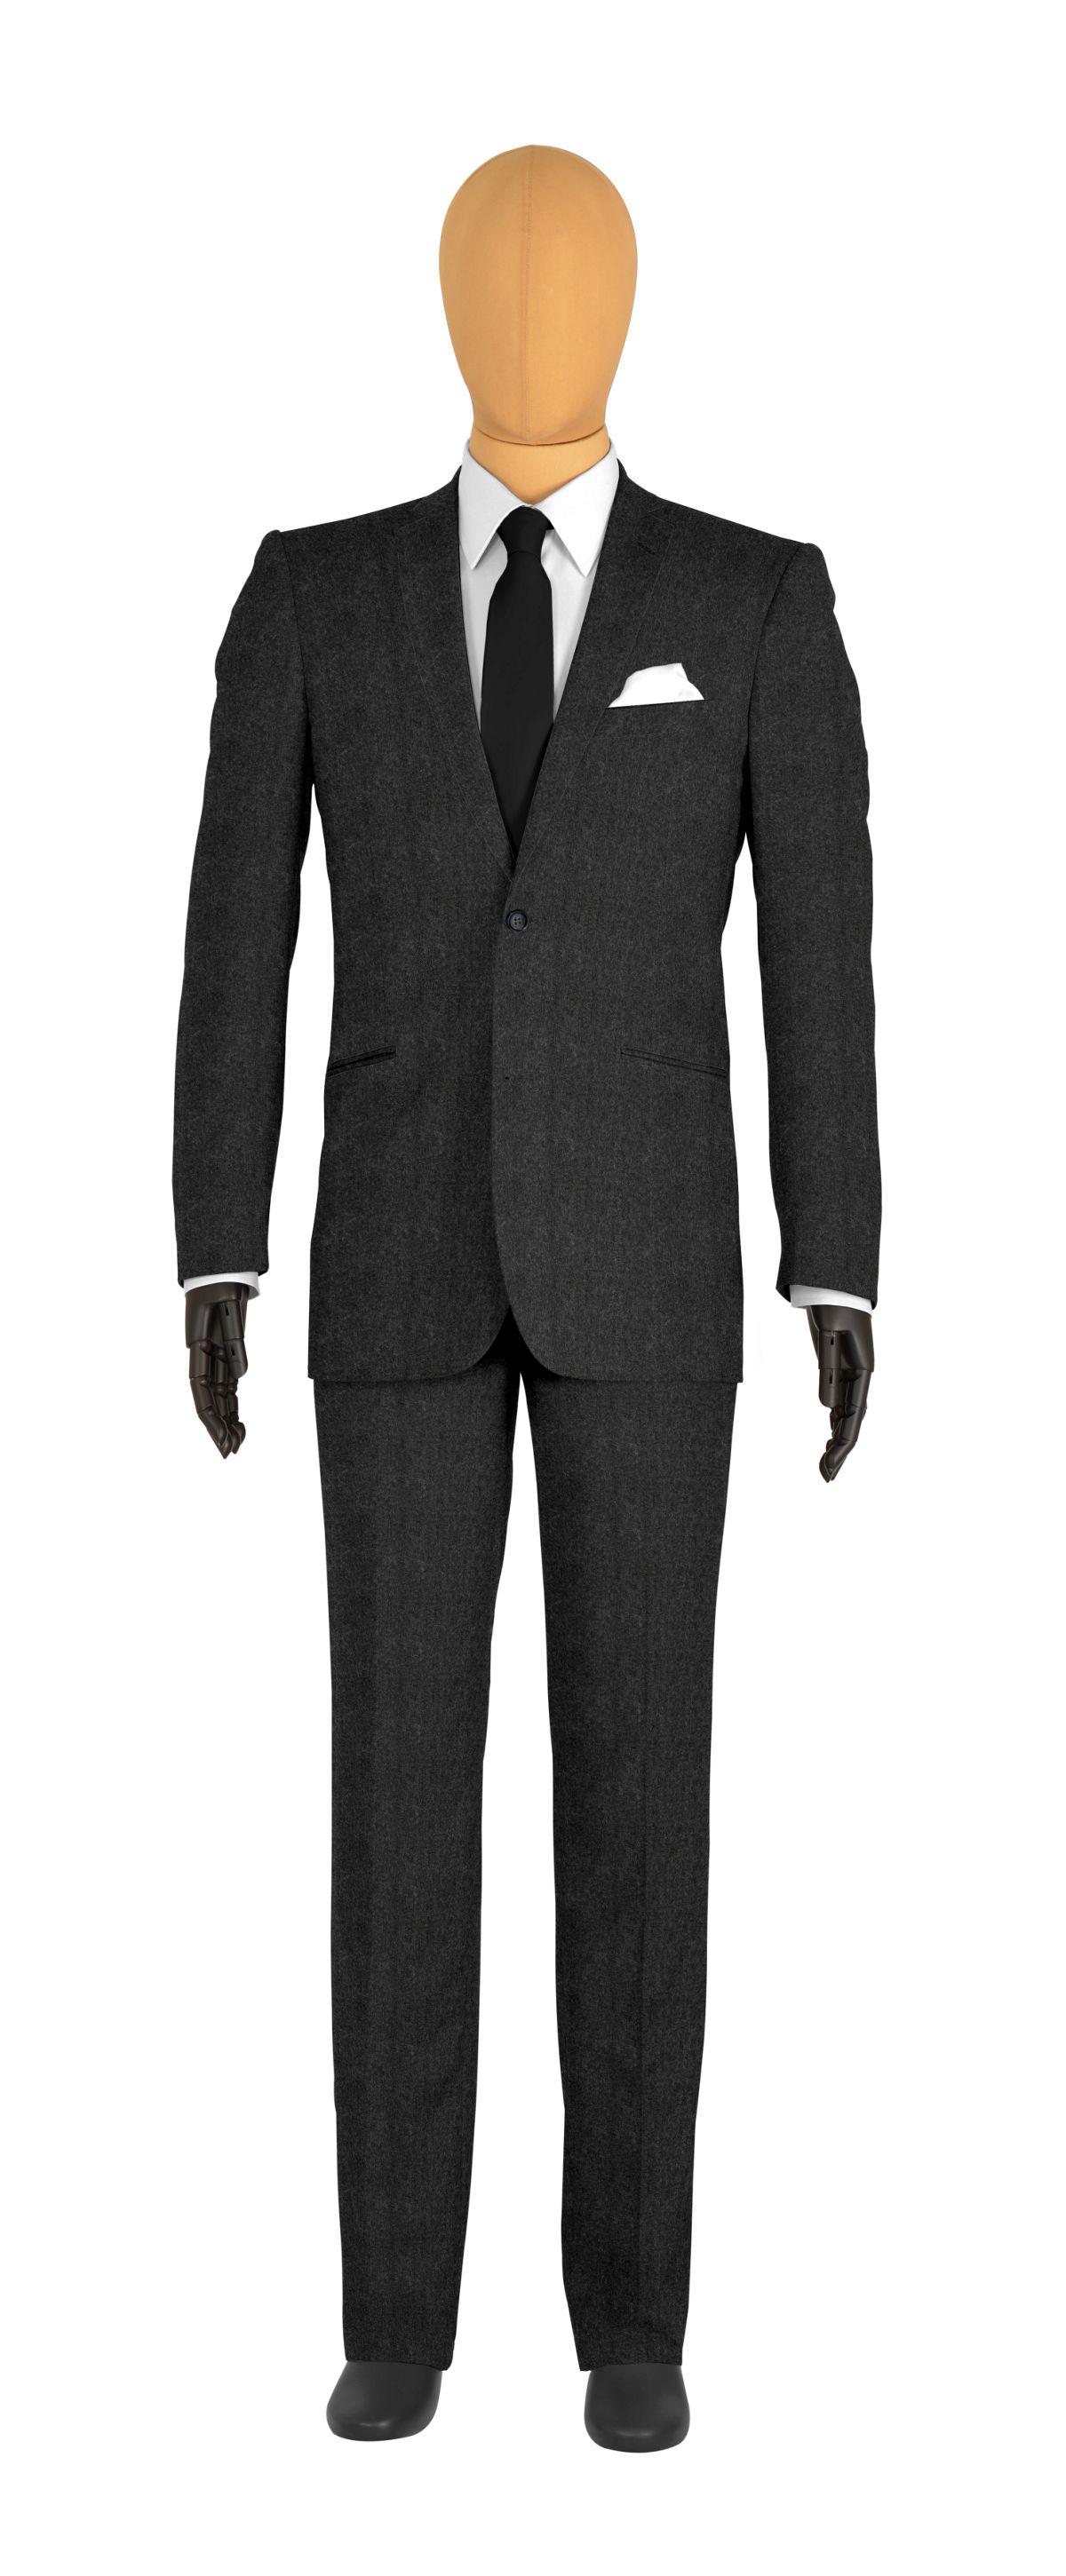 Costume 2 boutons gris flanelle, col classique et doublure rose fushia